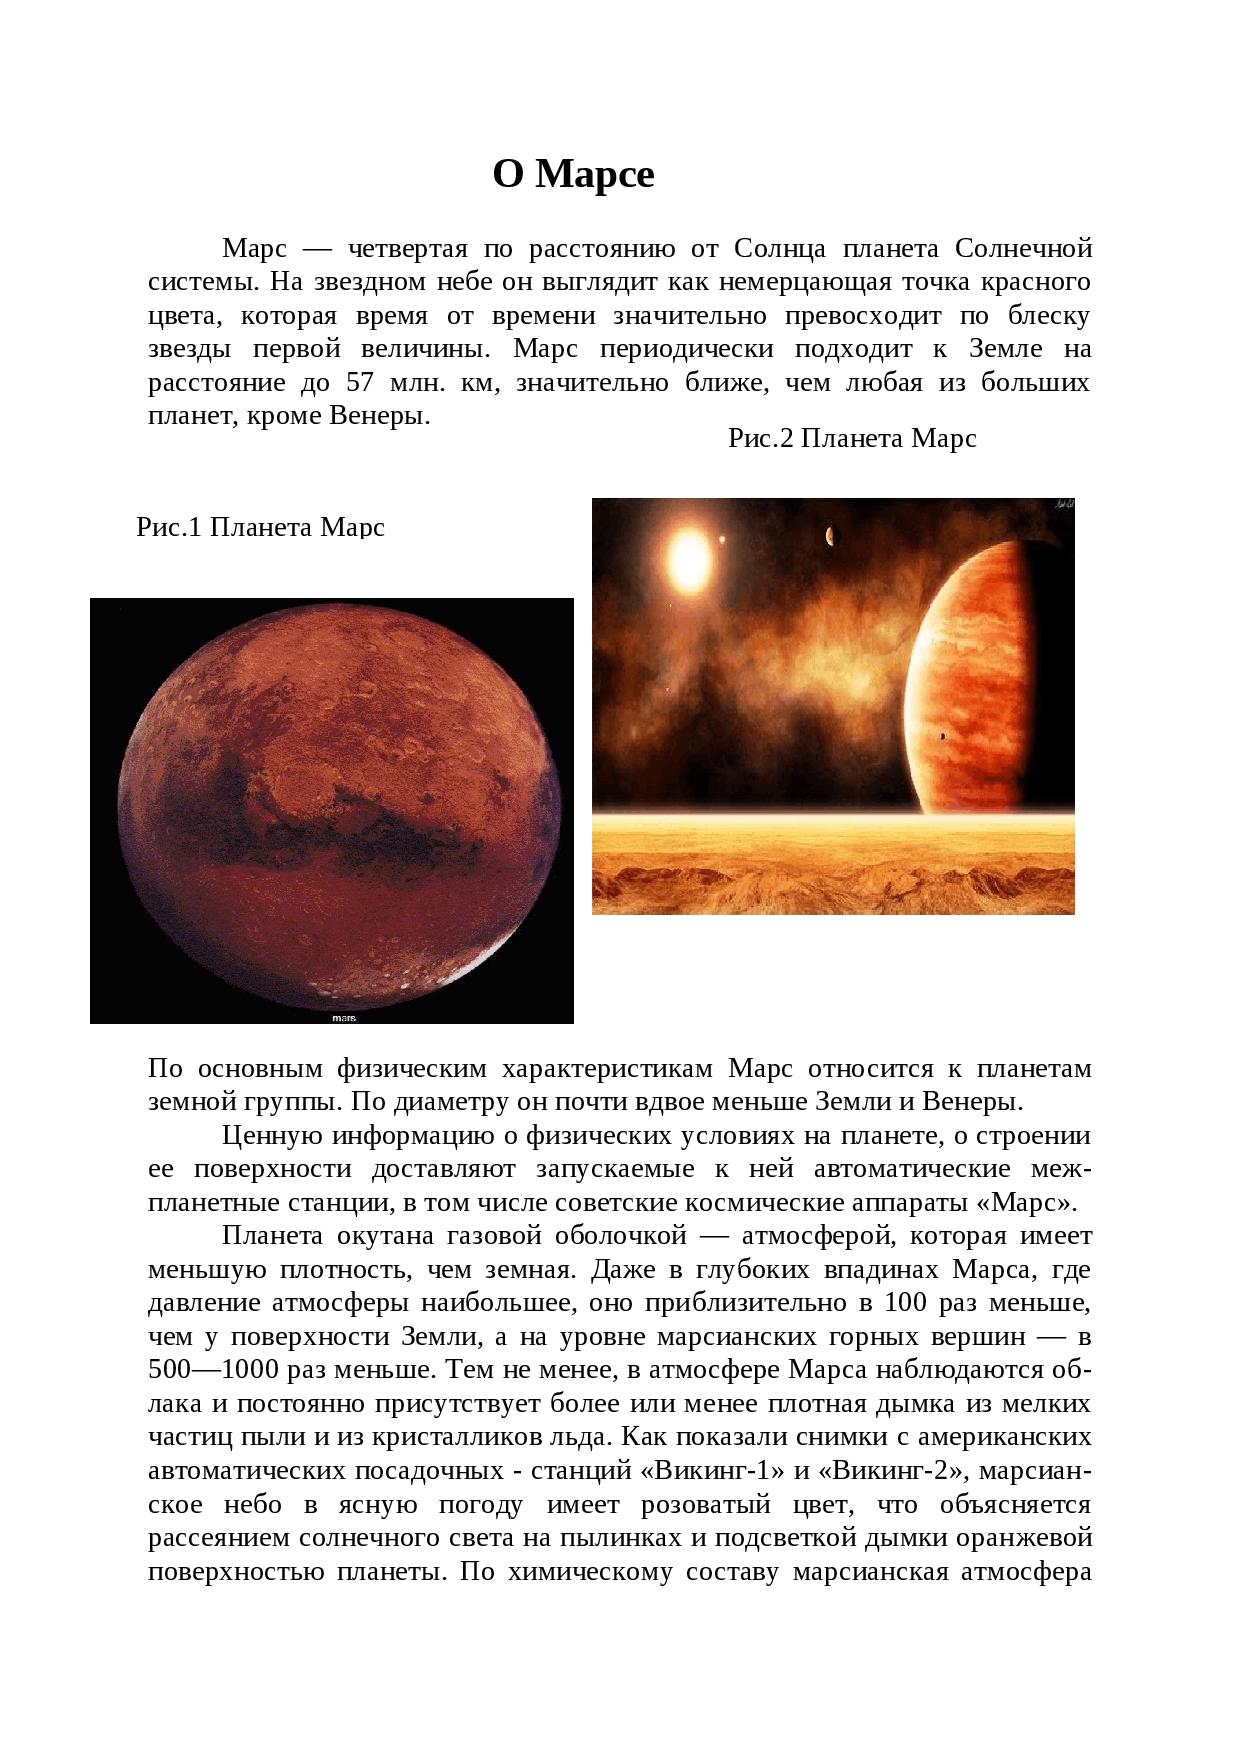 Марс (космическая программа) — википедия. что такое марс (космическая программа)